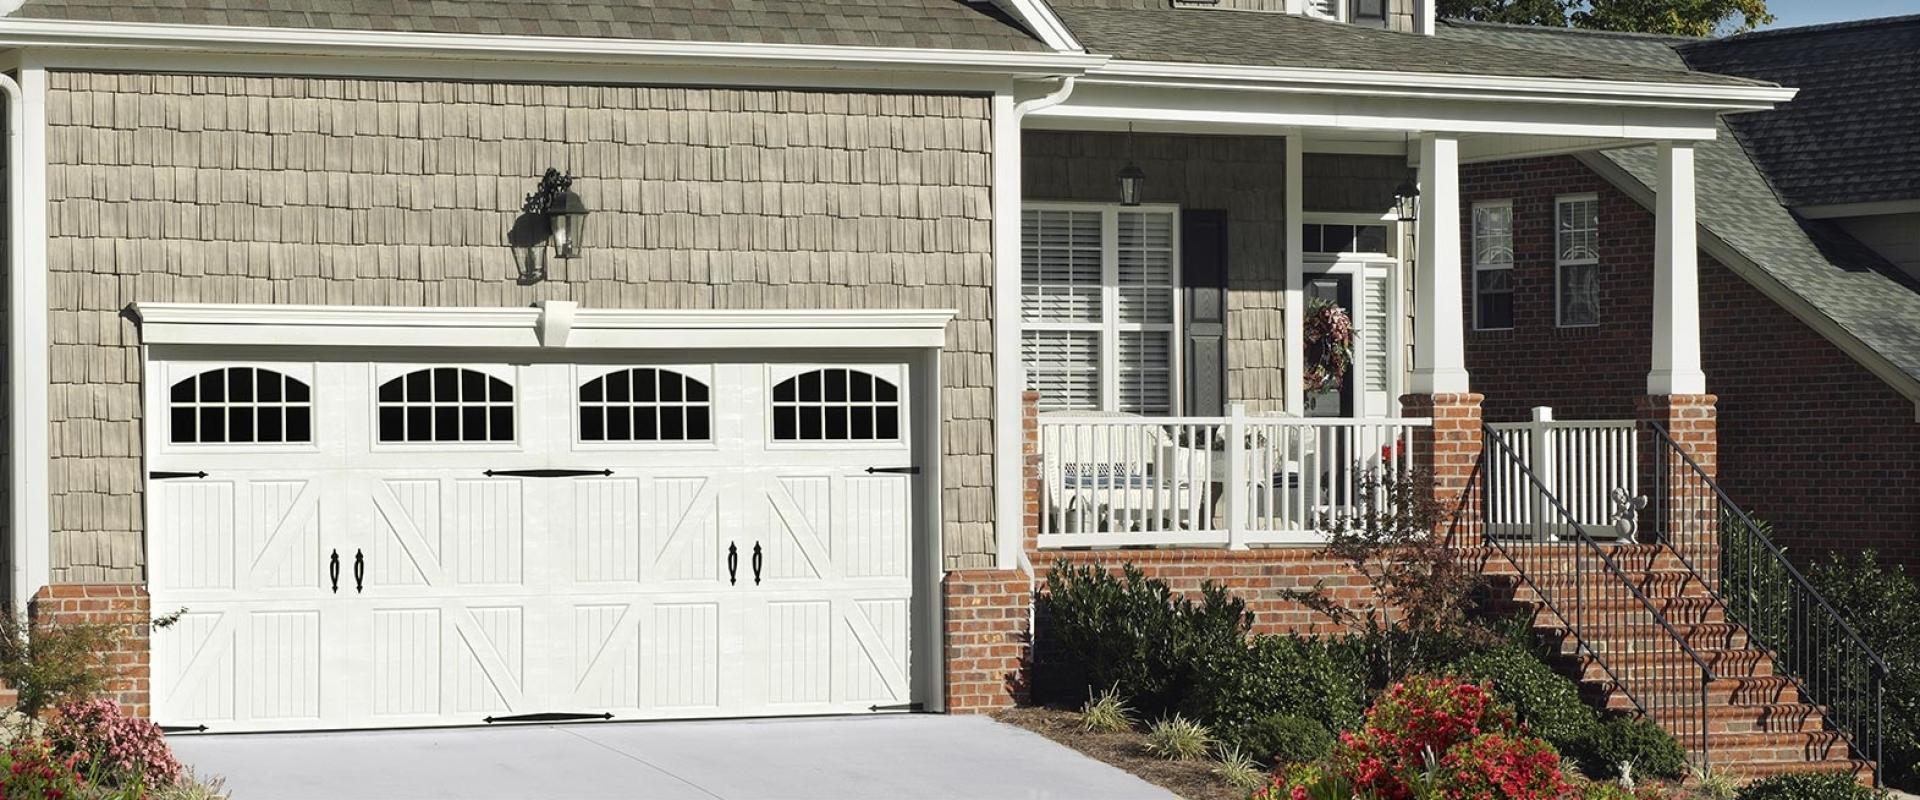 800 #436988 Welcome To C&W Garage Doors picture/photo Traditional Garage Doors 37791920